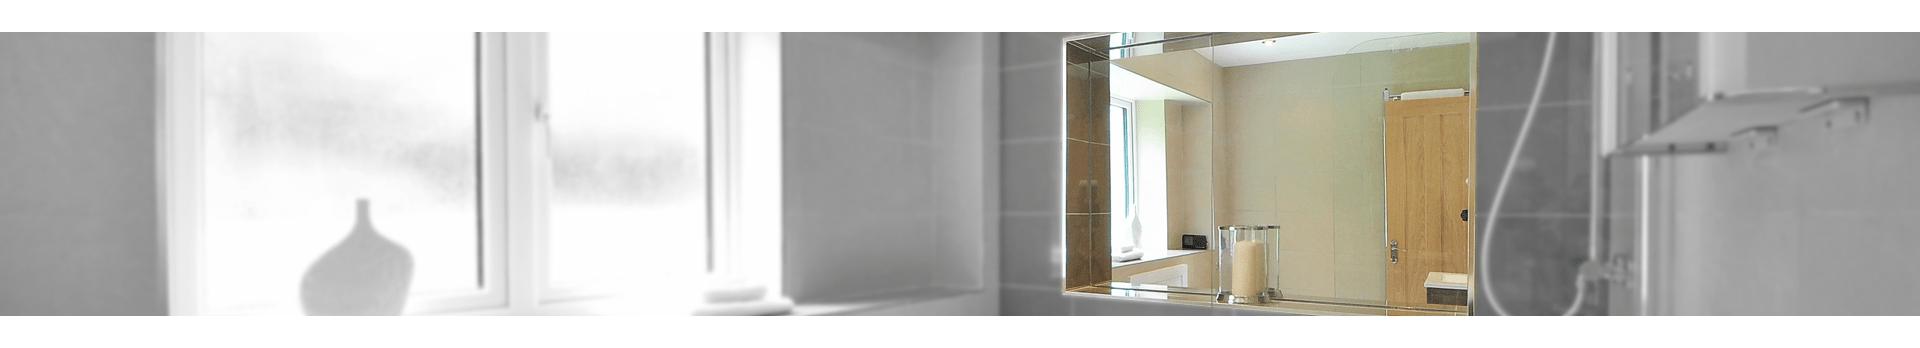 Espejos de Baño para el Hogar | Mobelfy ®